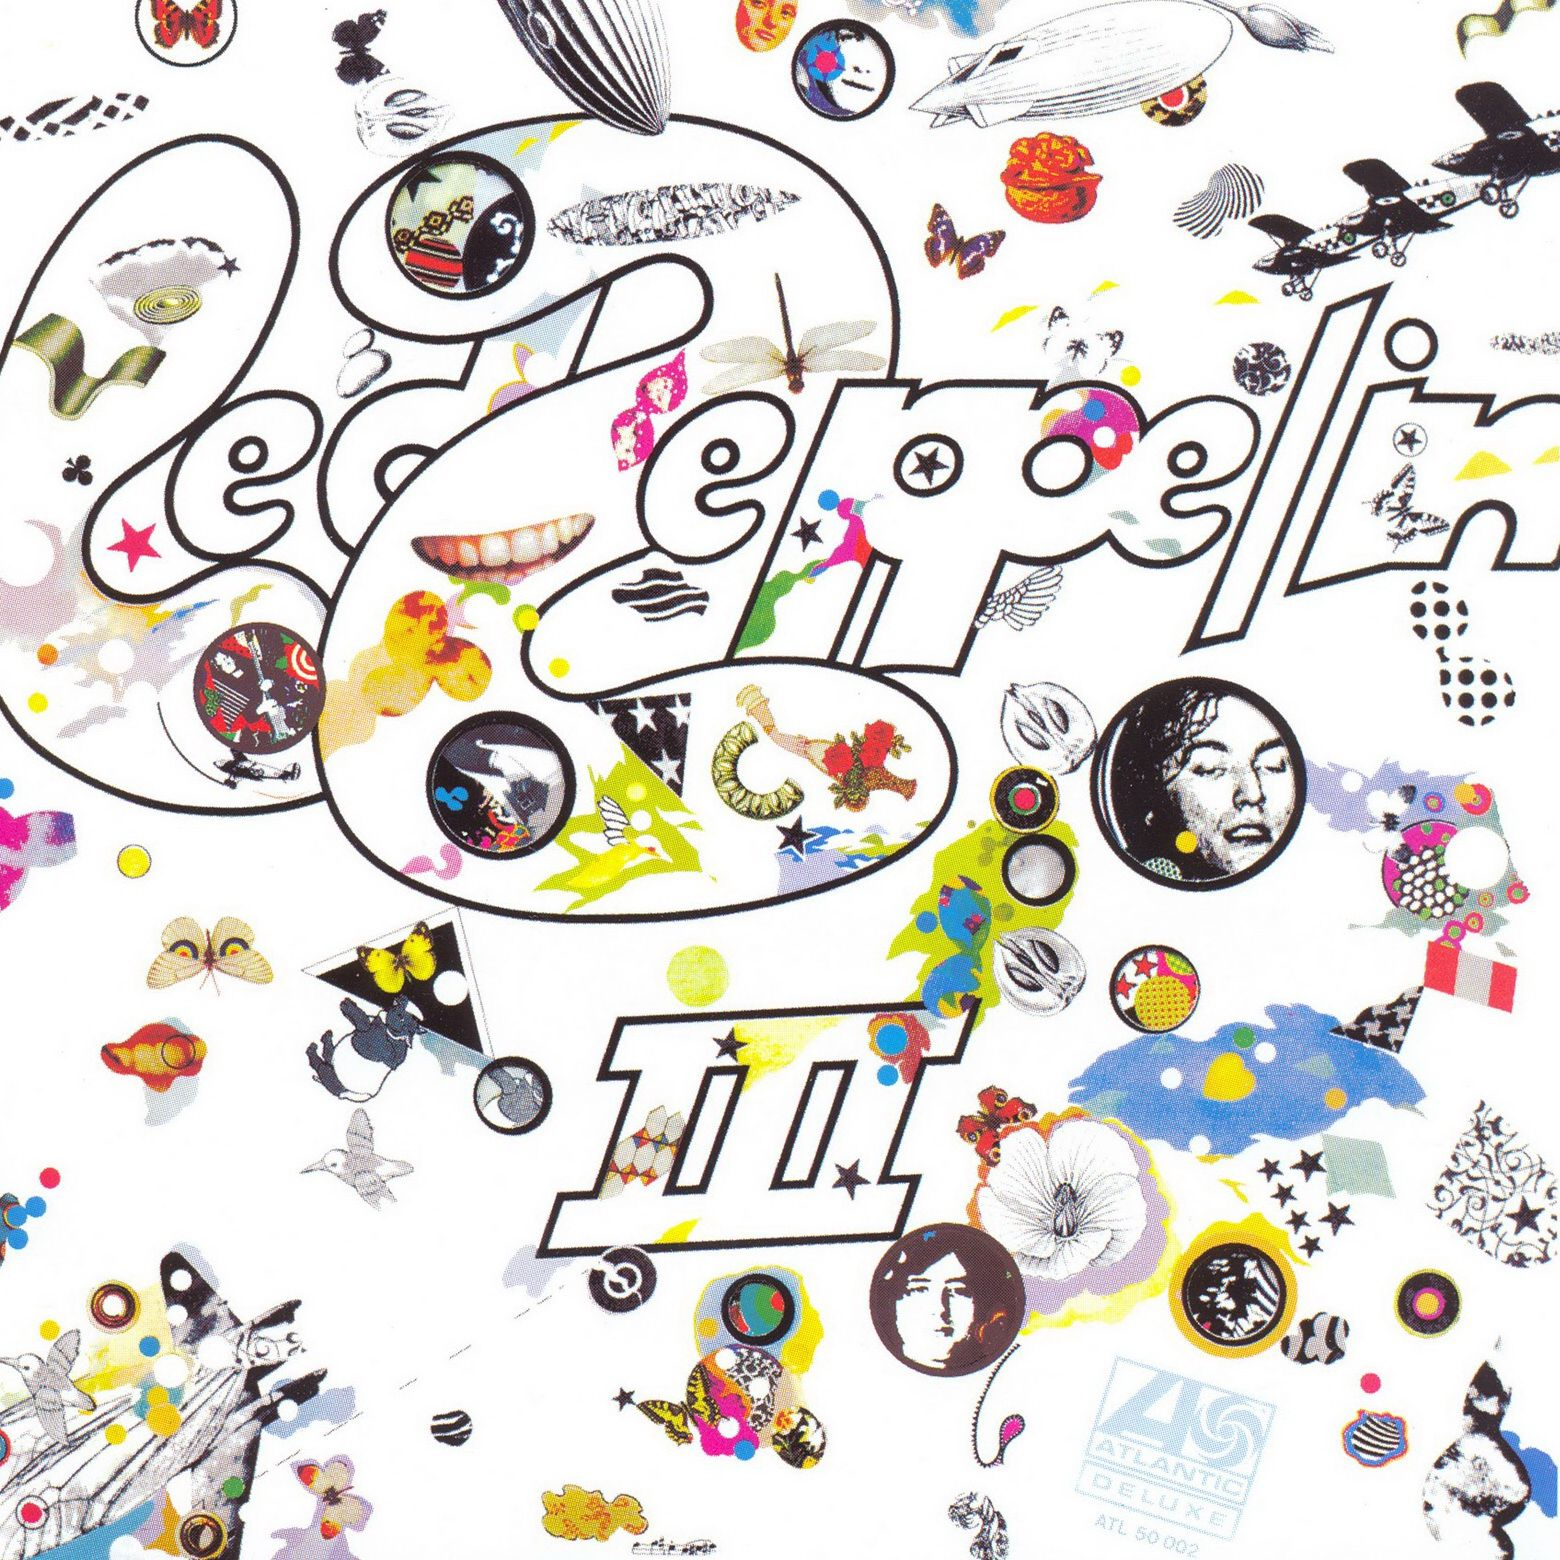 Led Zeppelin - Led Zeppelin 2 (remastered) album cover